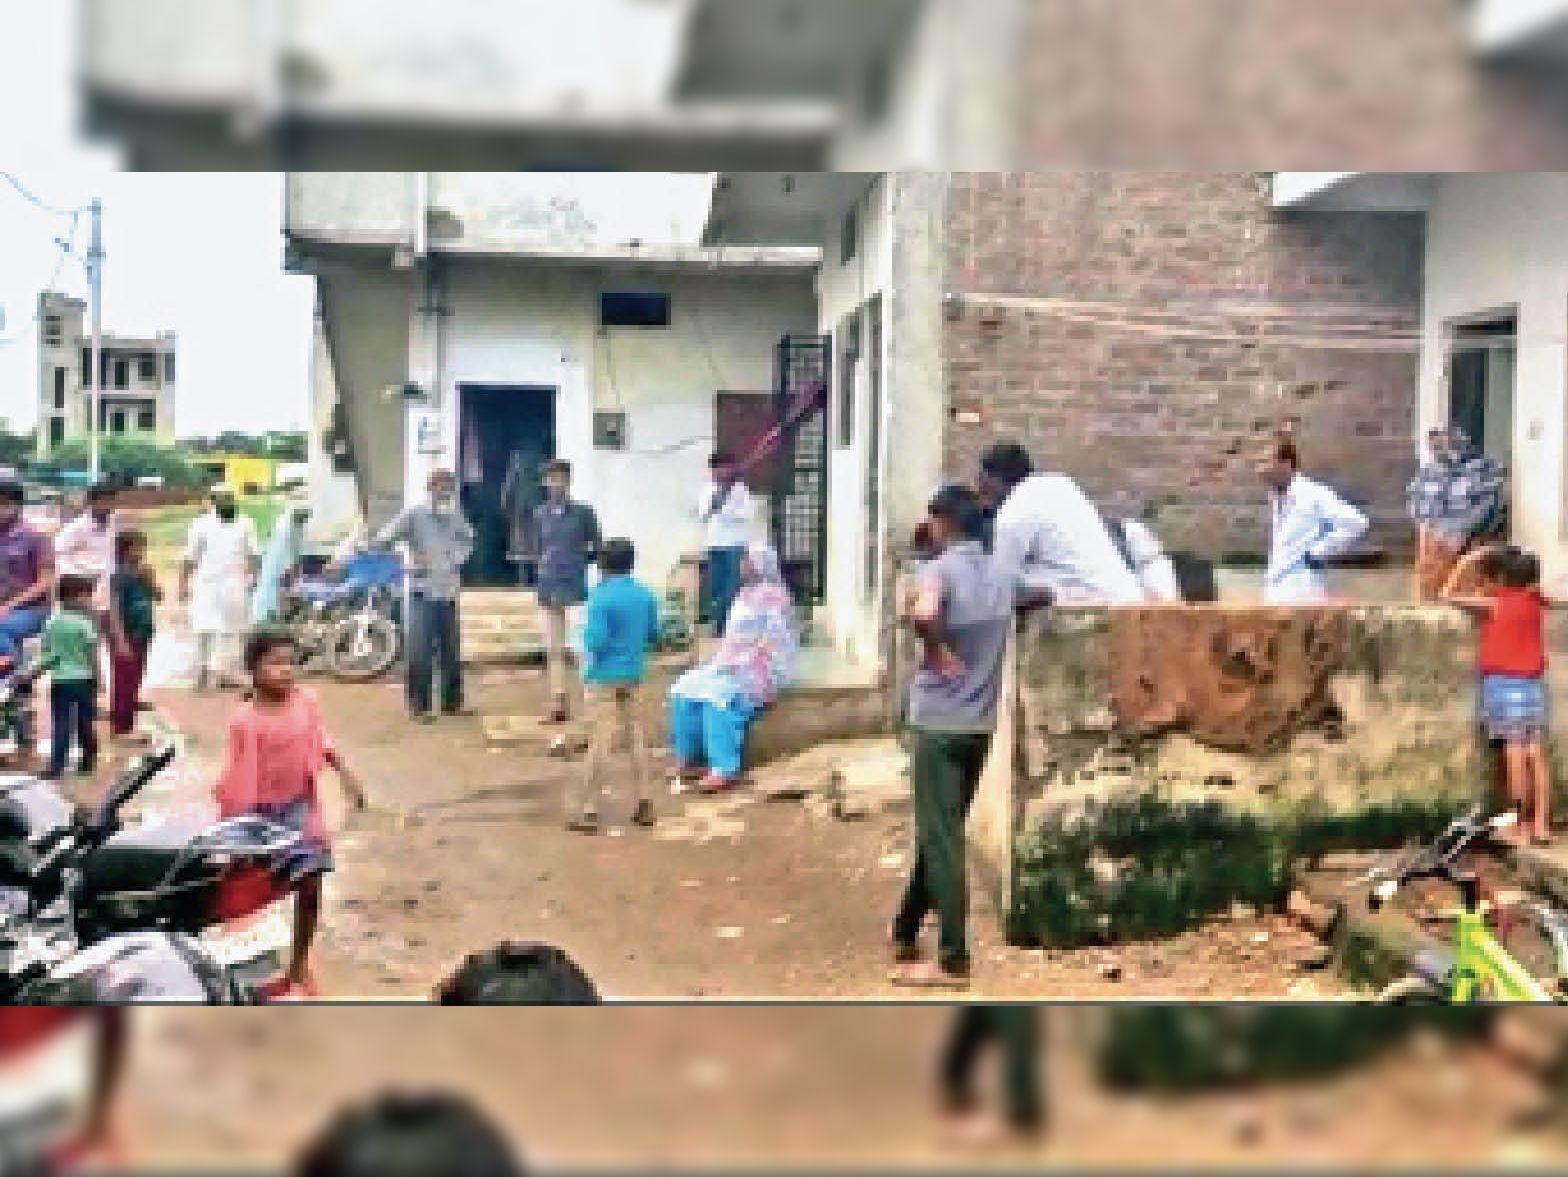 लाइन फाल्ट होने के बाद एकत्रित मोहल्ले के लोग। - Dainik Bhaskar